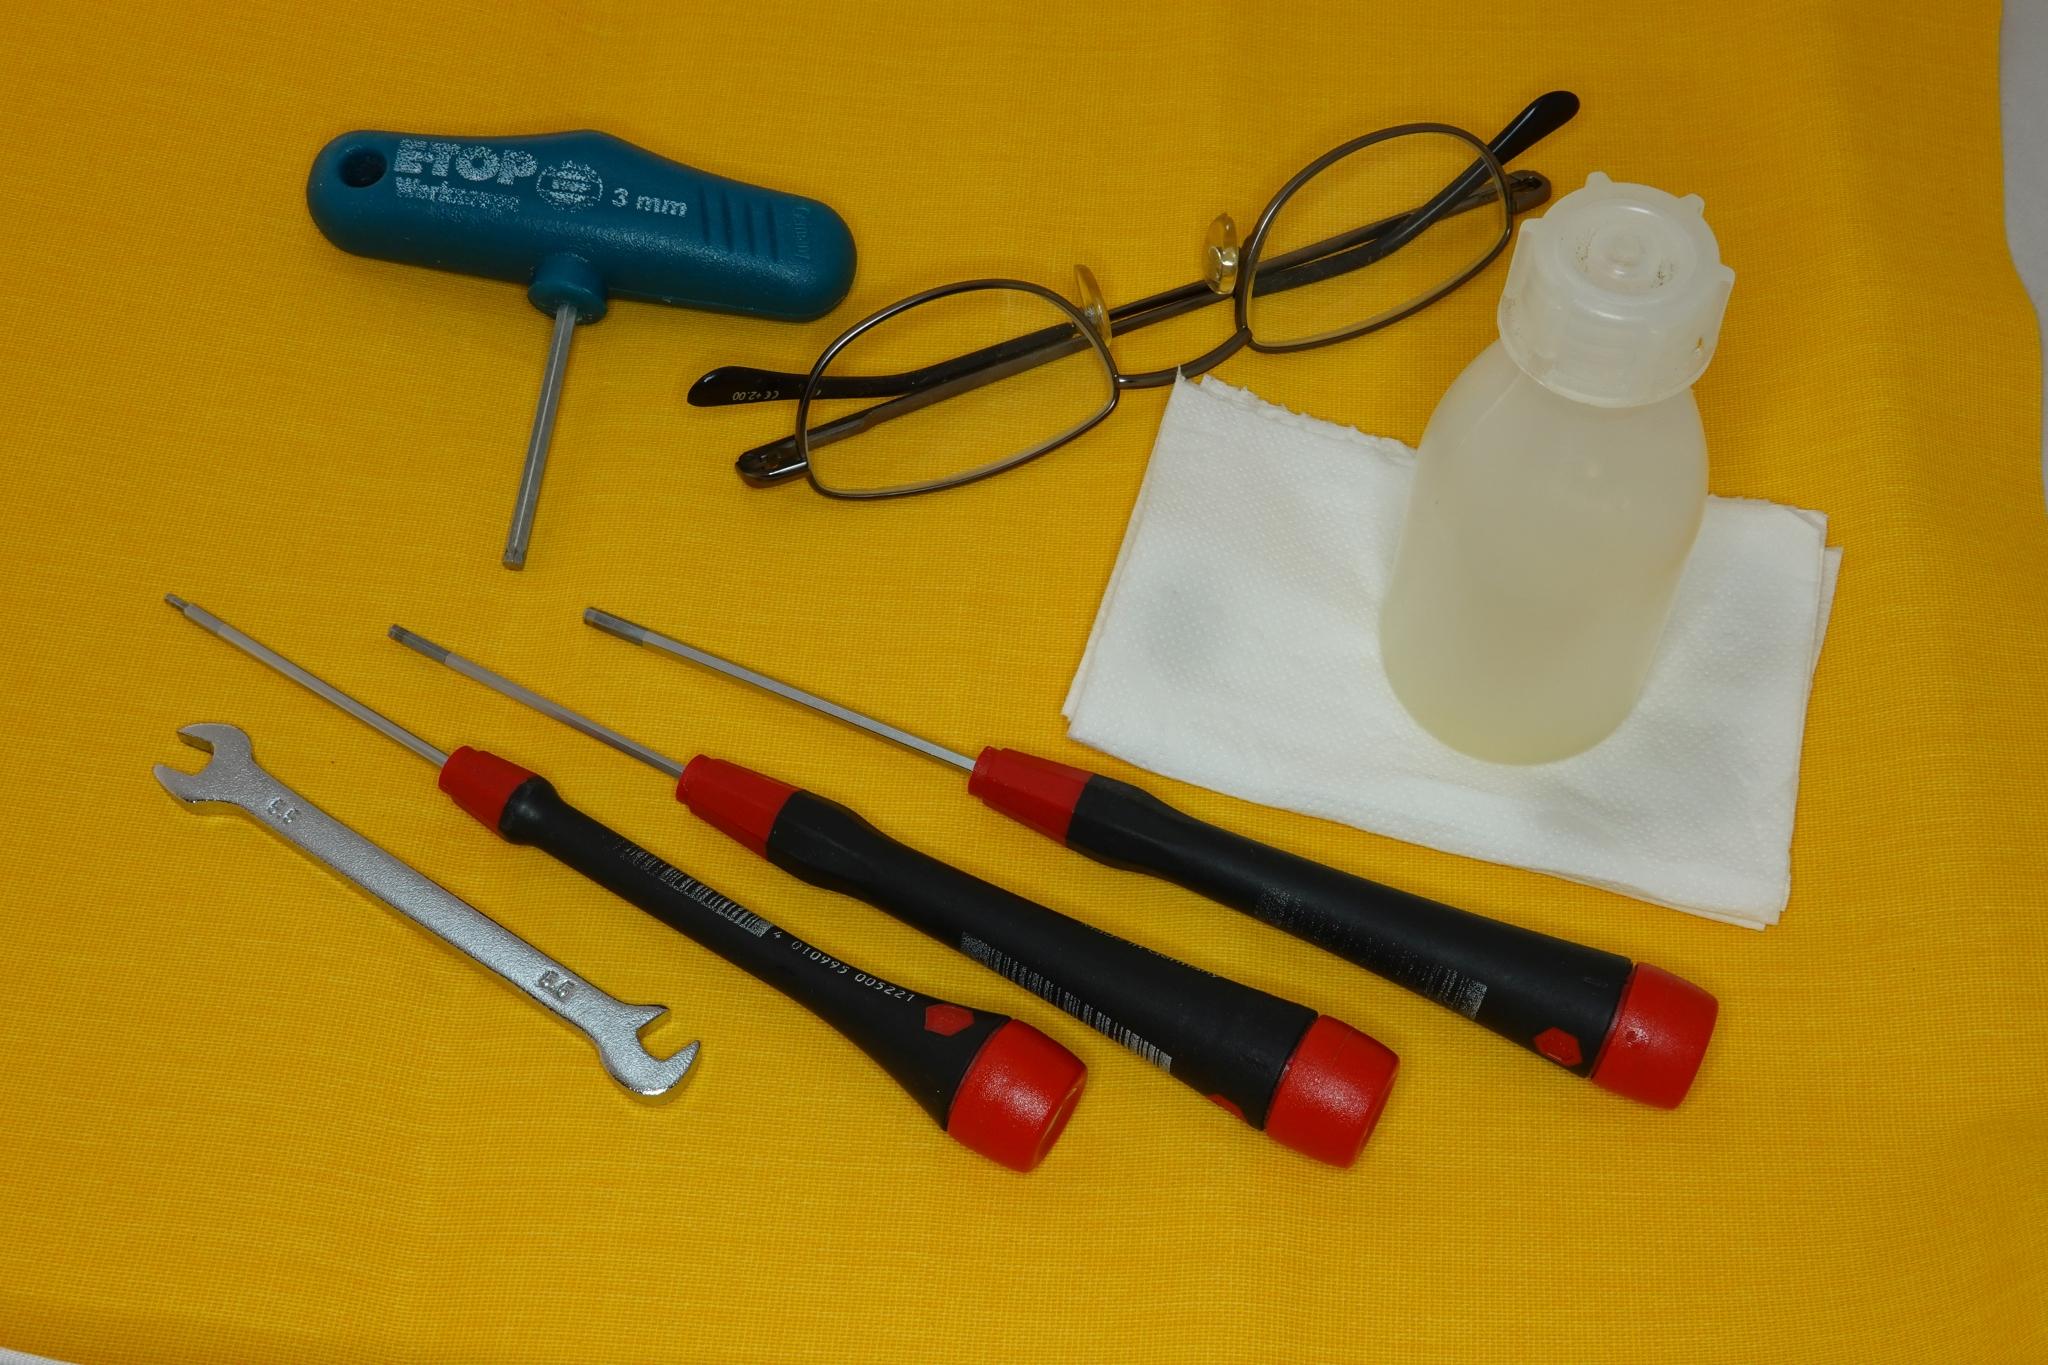 Zusätzliche Werkzeuge in den Seitentaschen der Flugfeldtasche